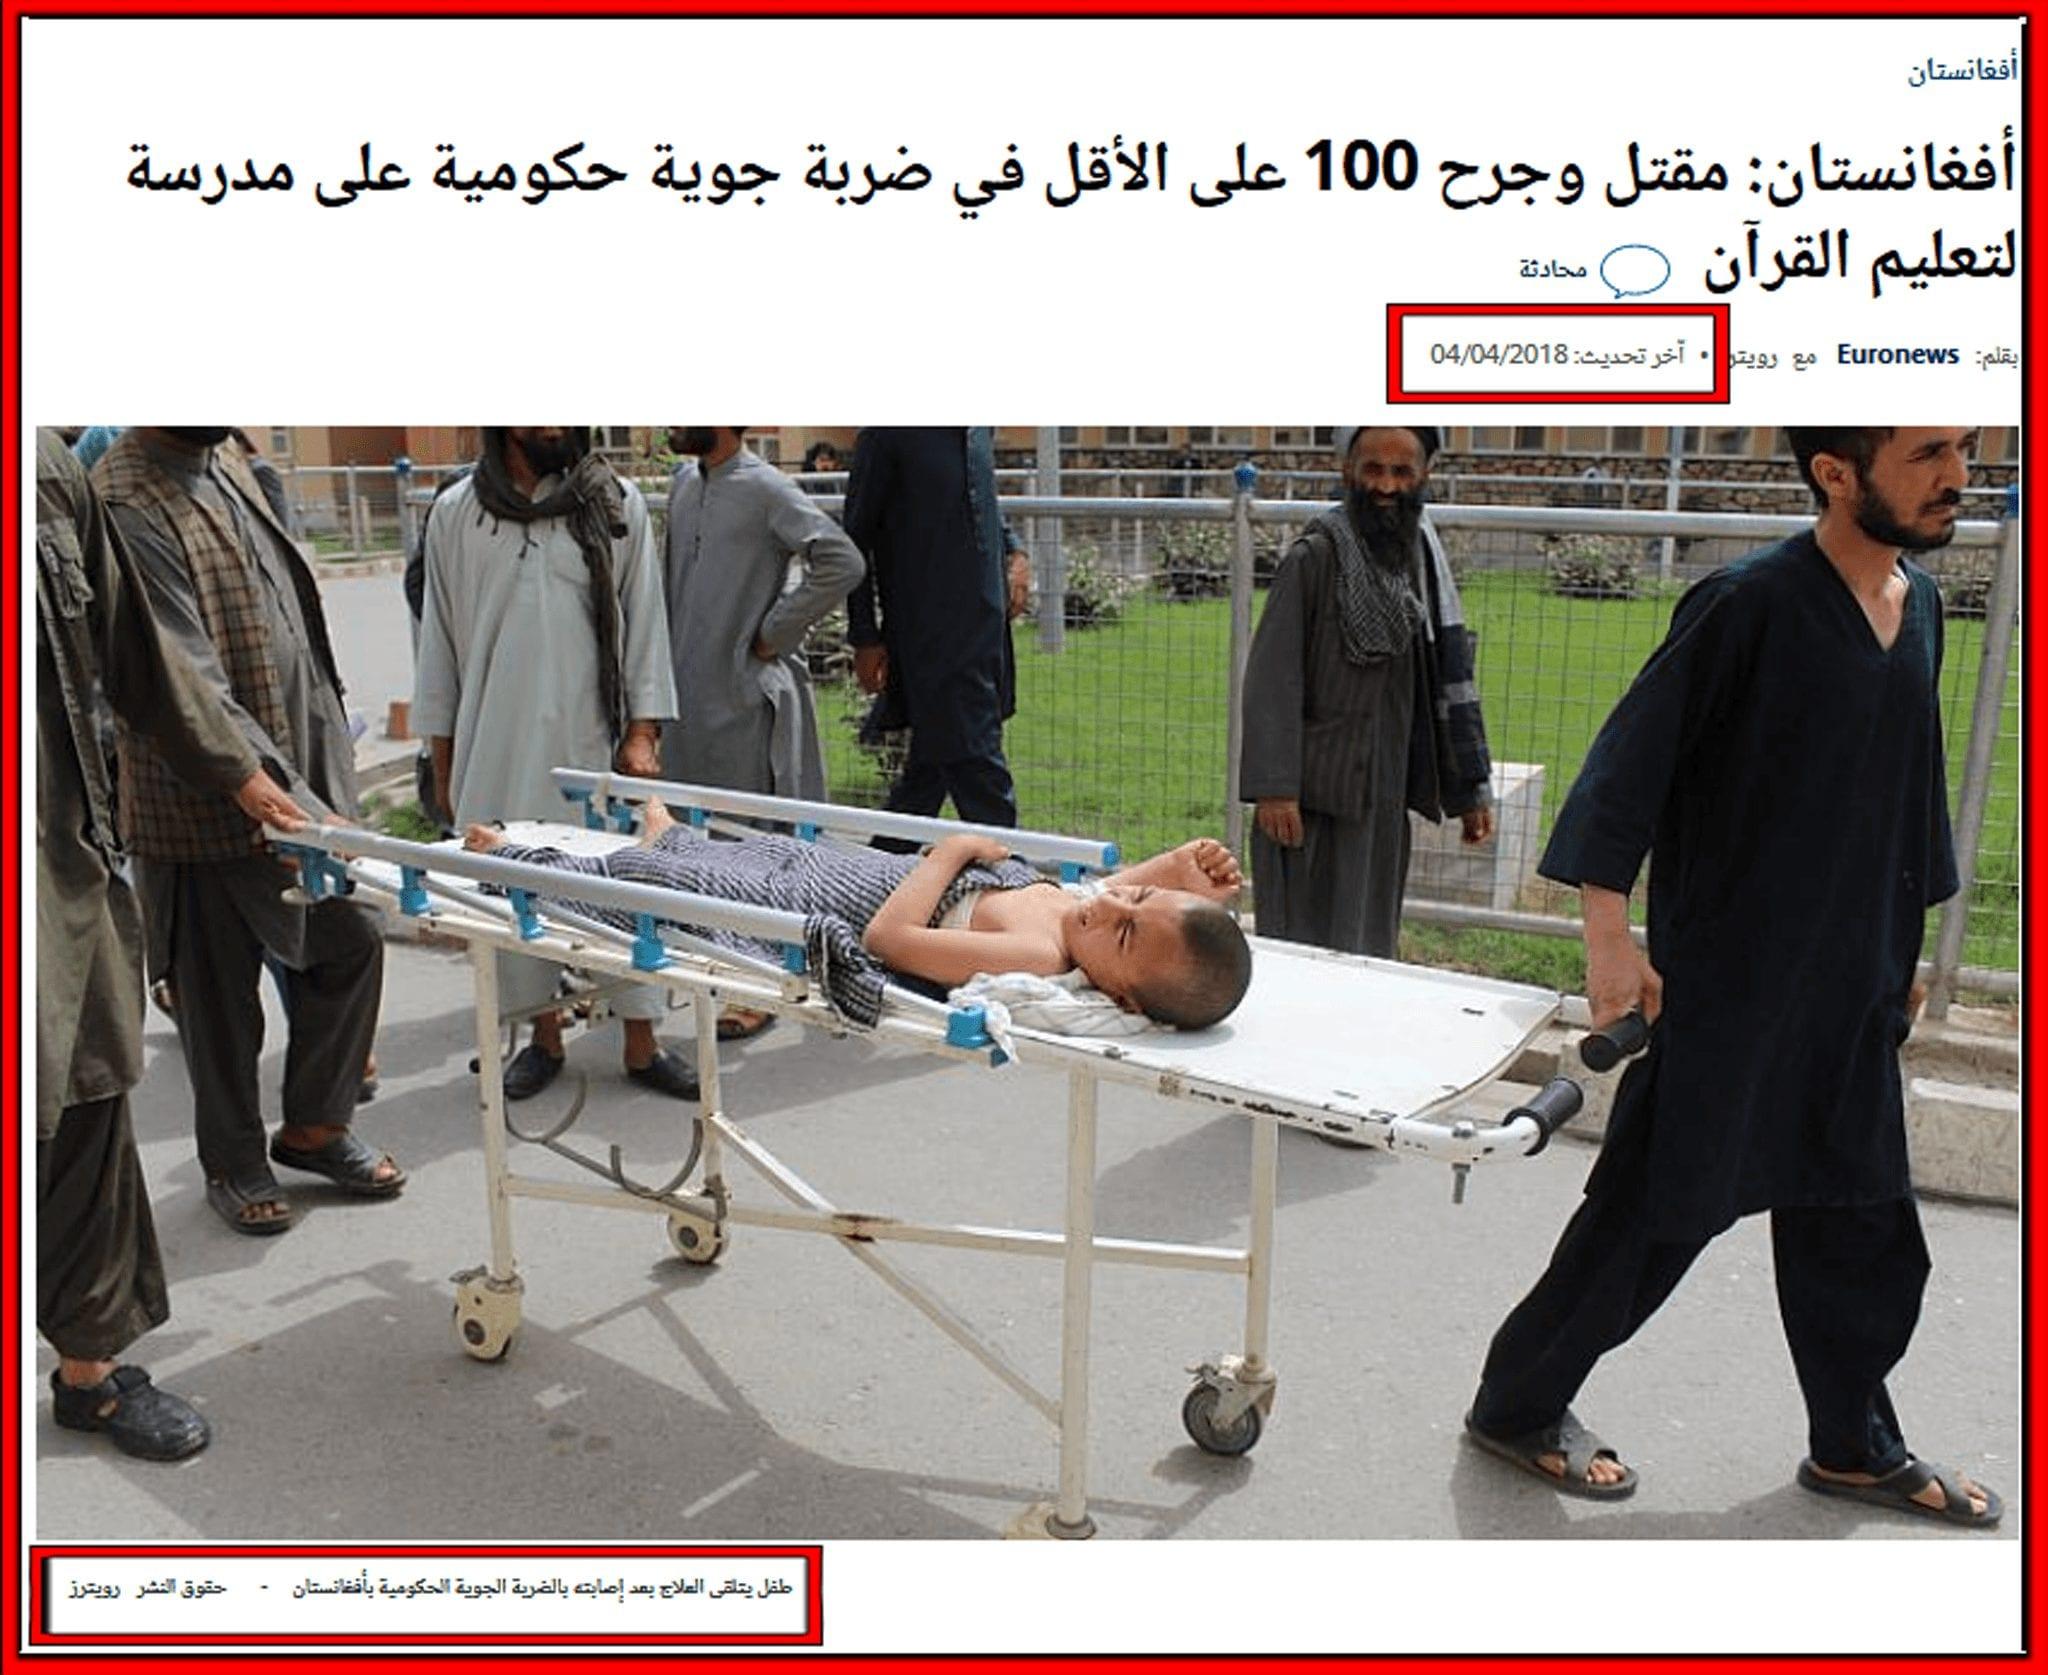 الطفل يتلقى العلاج بعد إصابته بالضربة الجوية الحكومية بأفغانستان - حقوق النشر رويترز